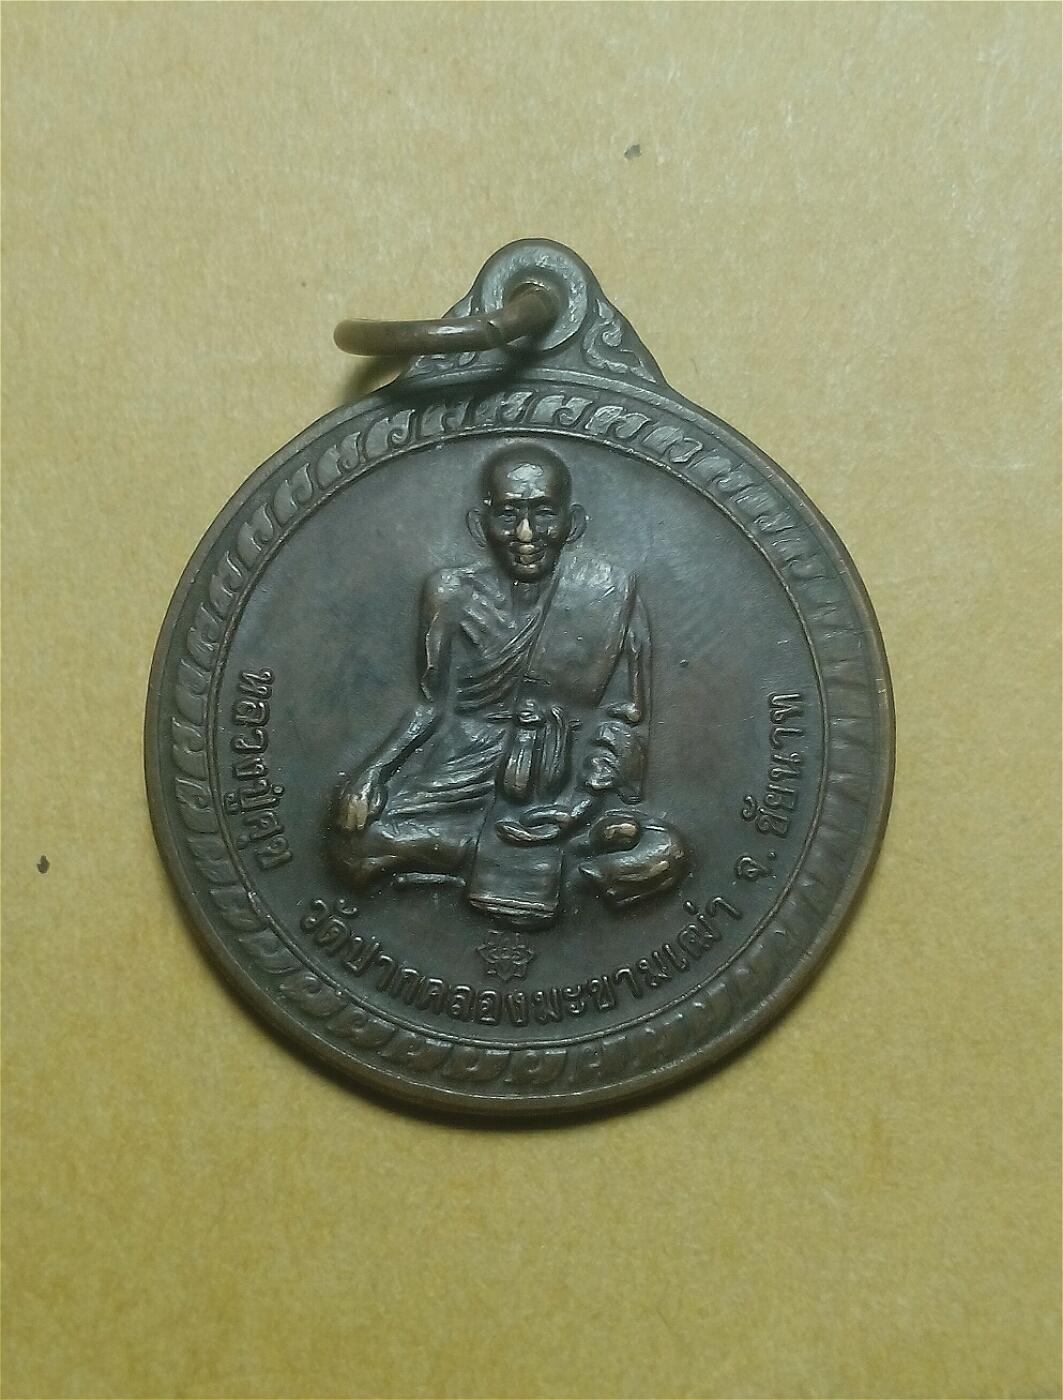 เหรียญ หลวงปู่ศุข วัดปากคลองมะขามเฒ่า ขอบารมี อ.วัดสิงห์ จ.ชัยนาท